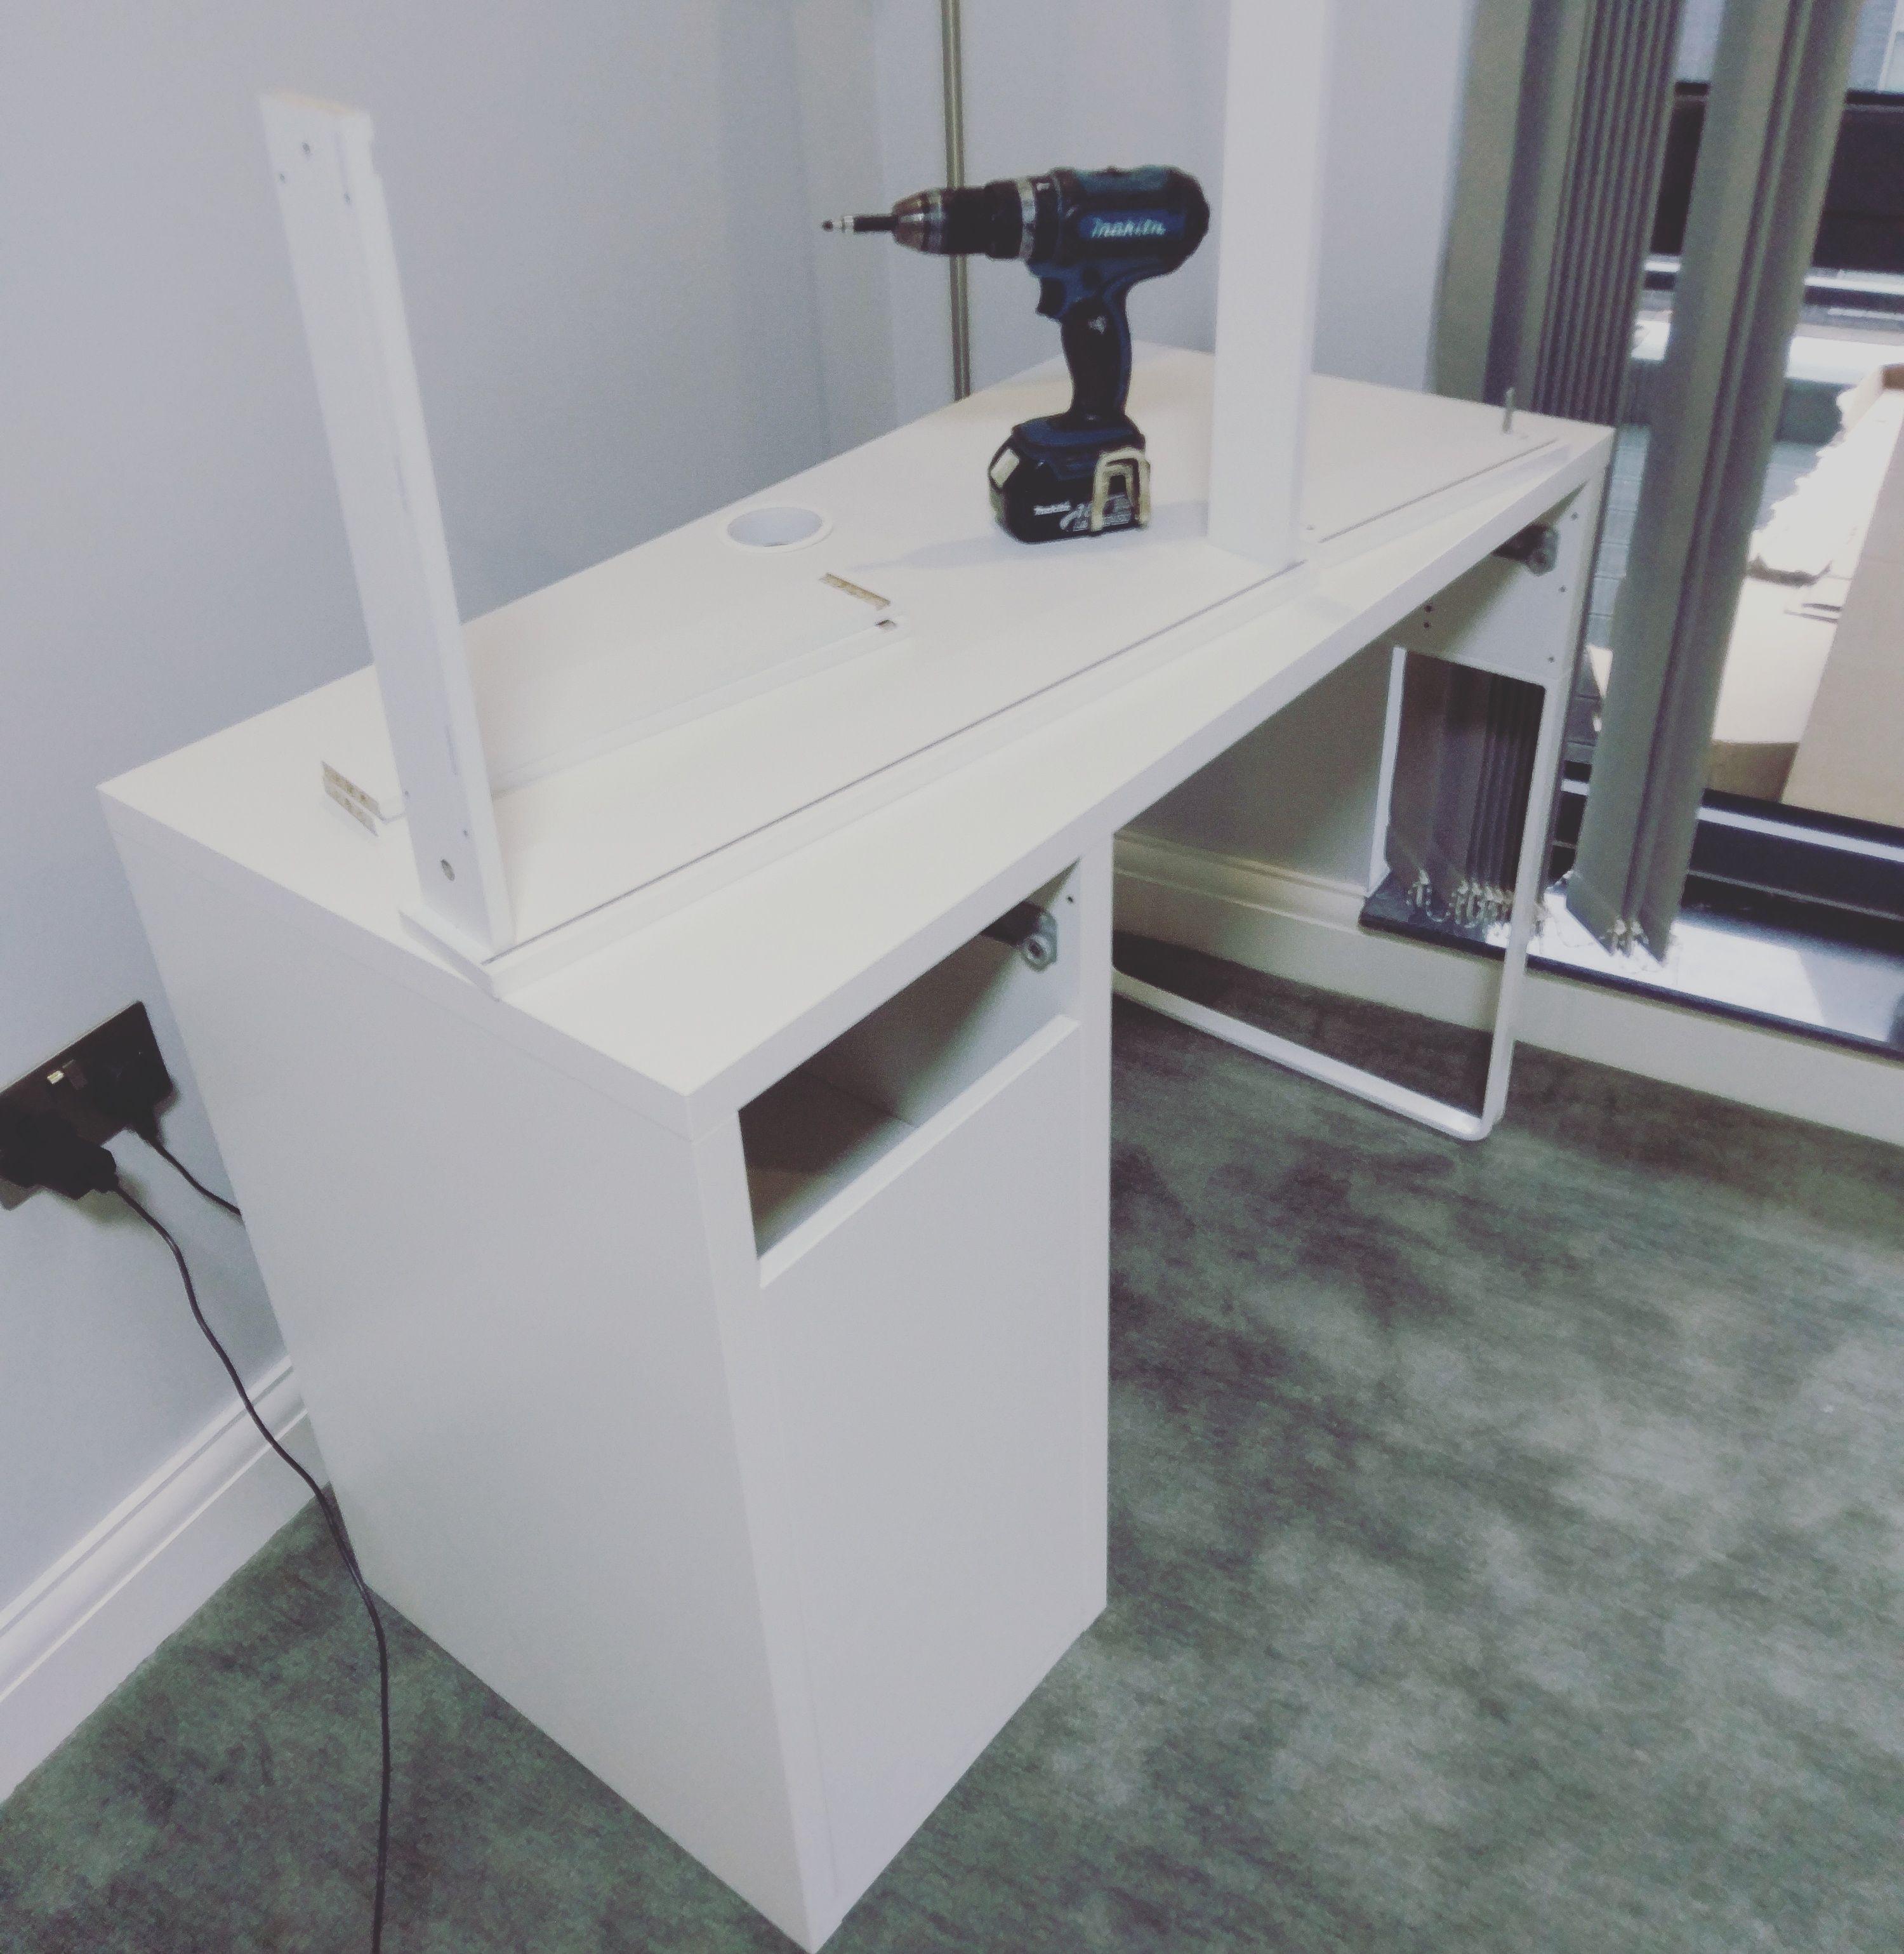 Ikea's Desk Micke Is Proving